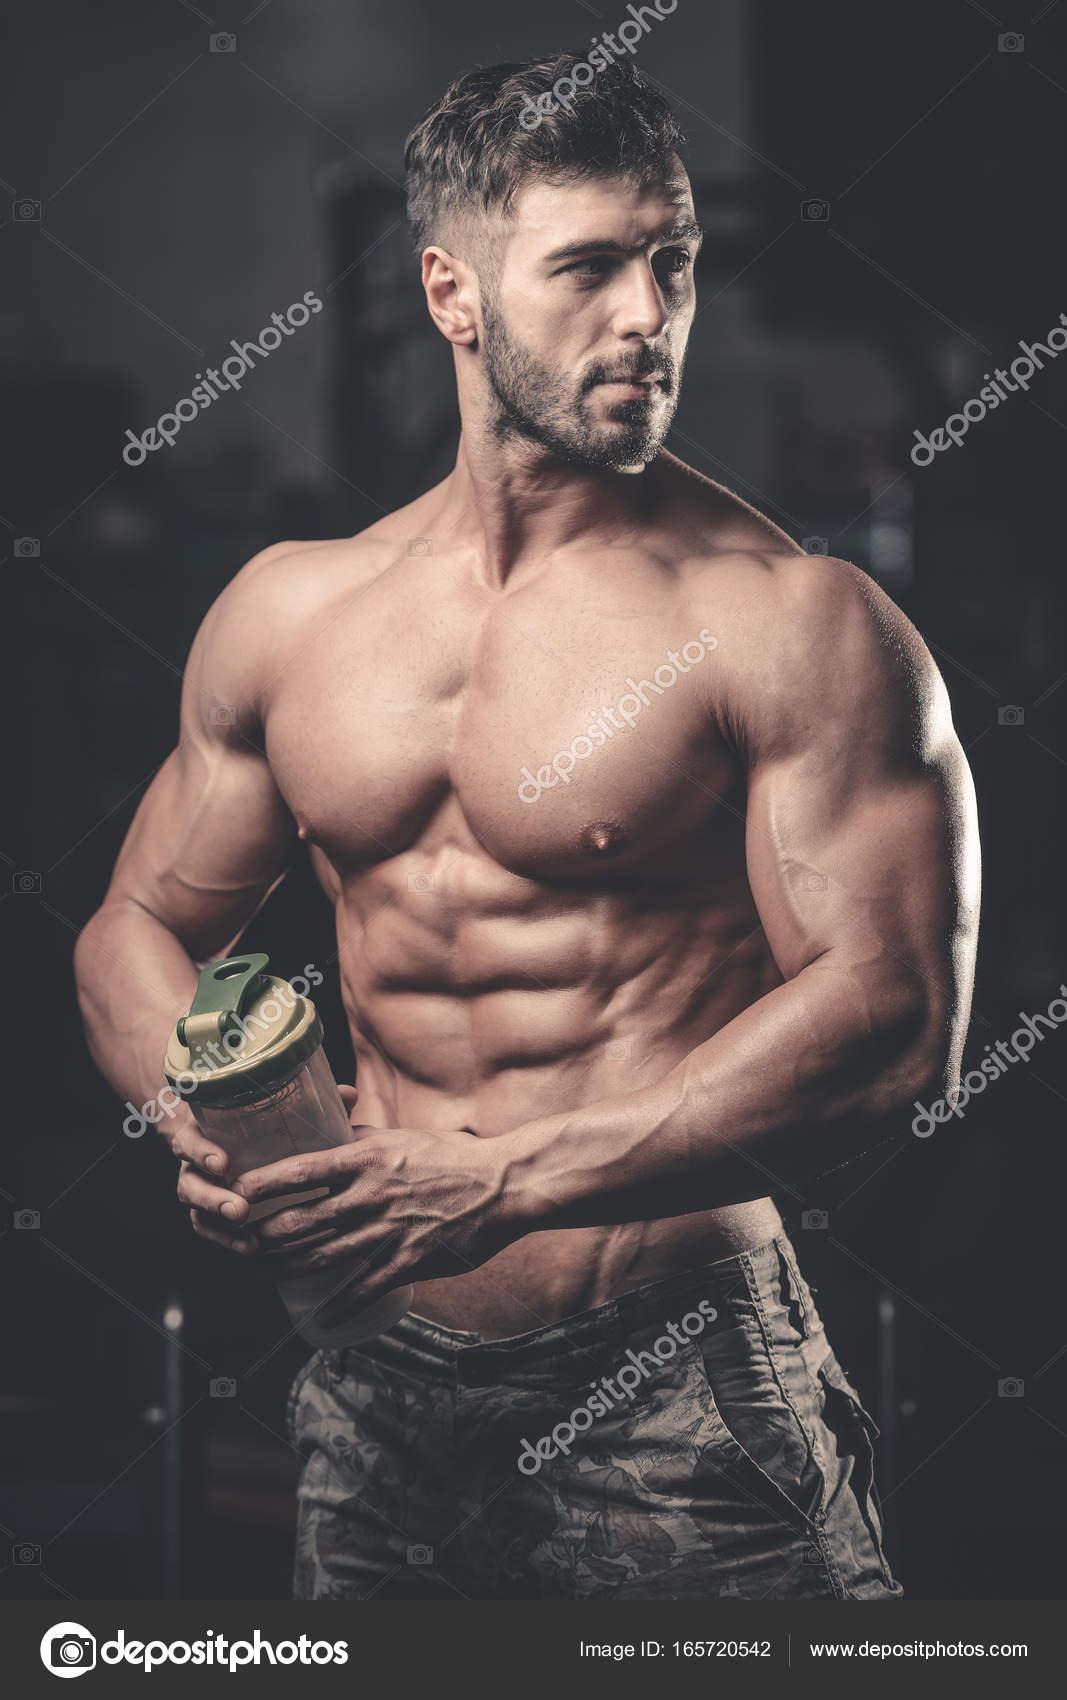 Uomo Muscolare A Riposo Dopo Lesercizio Fisico E Bere Da Shaker